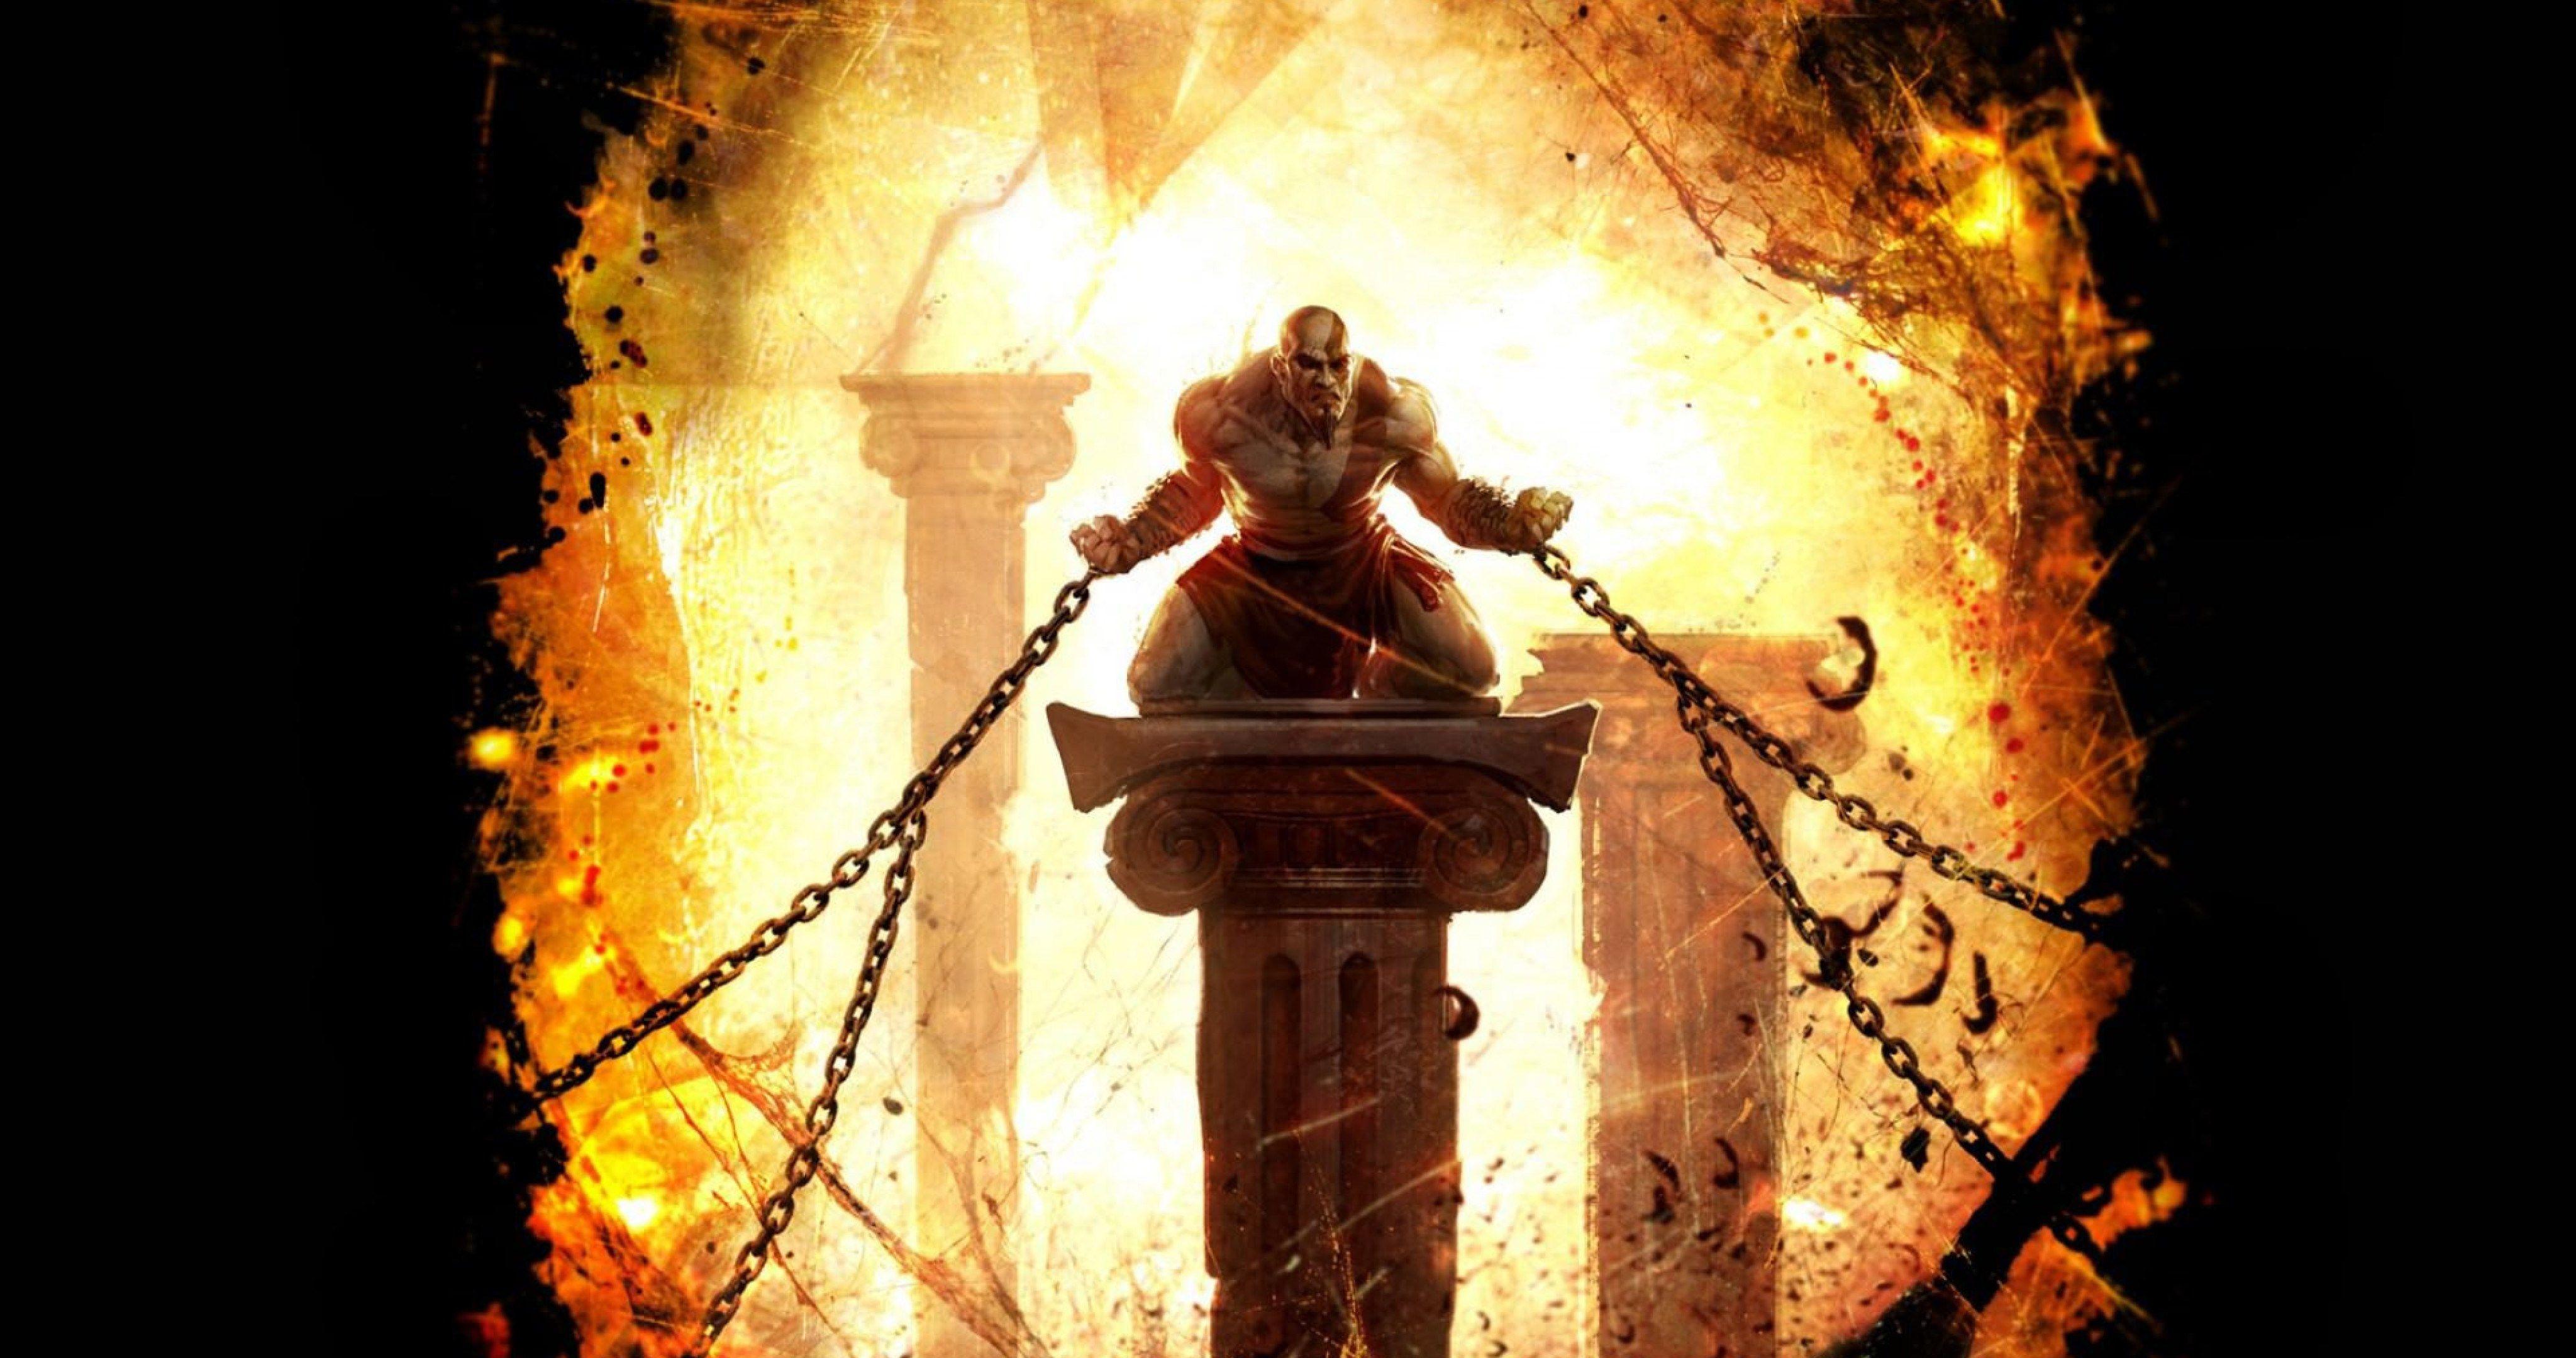 Ultra erotica war gods of armageddon 9